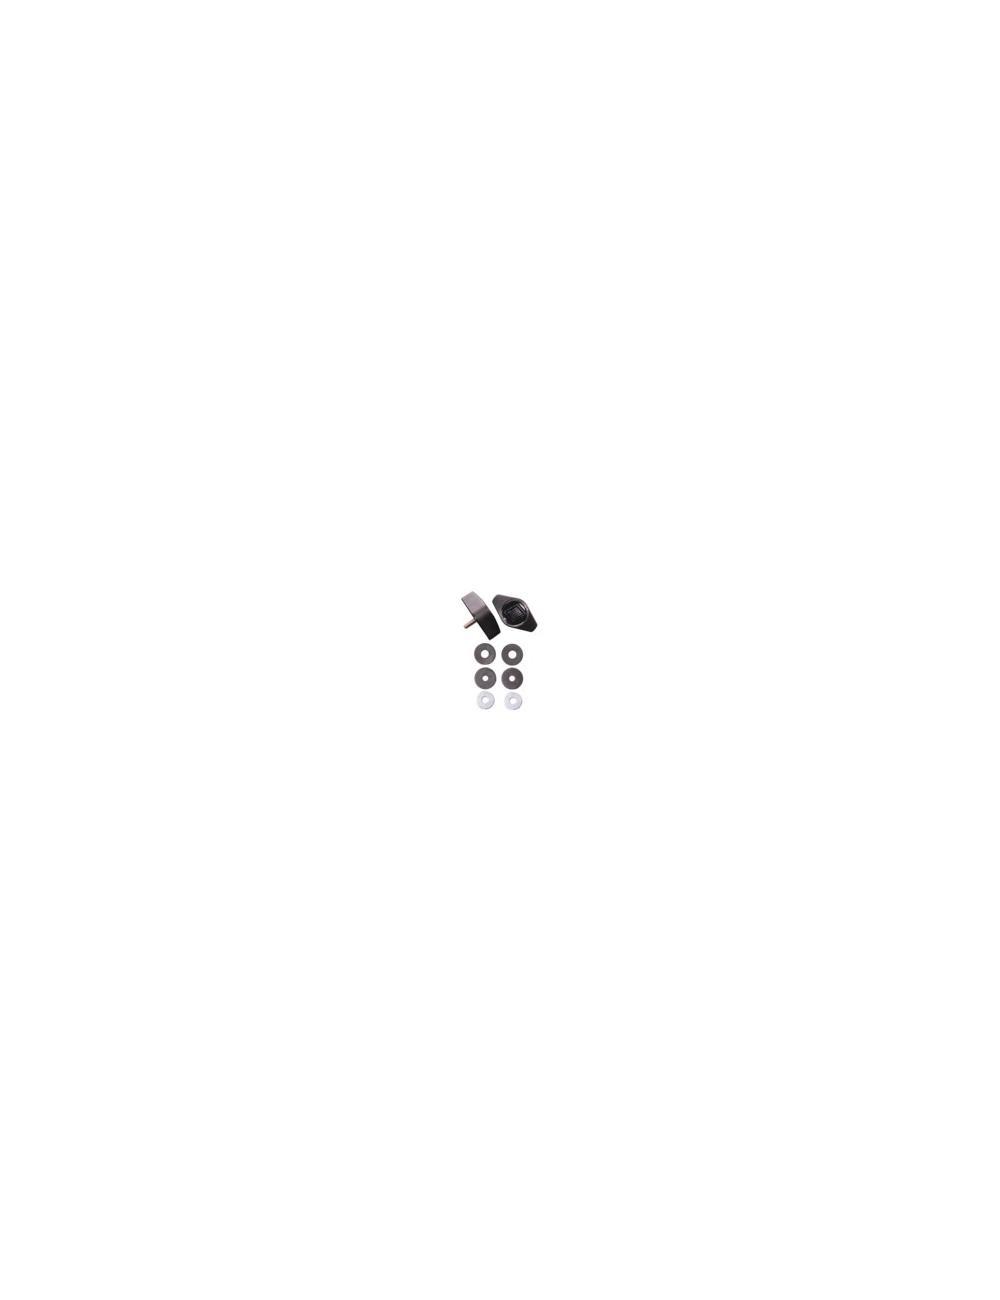 Litepanels - Yoke 2-Knob Kit